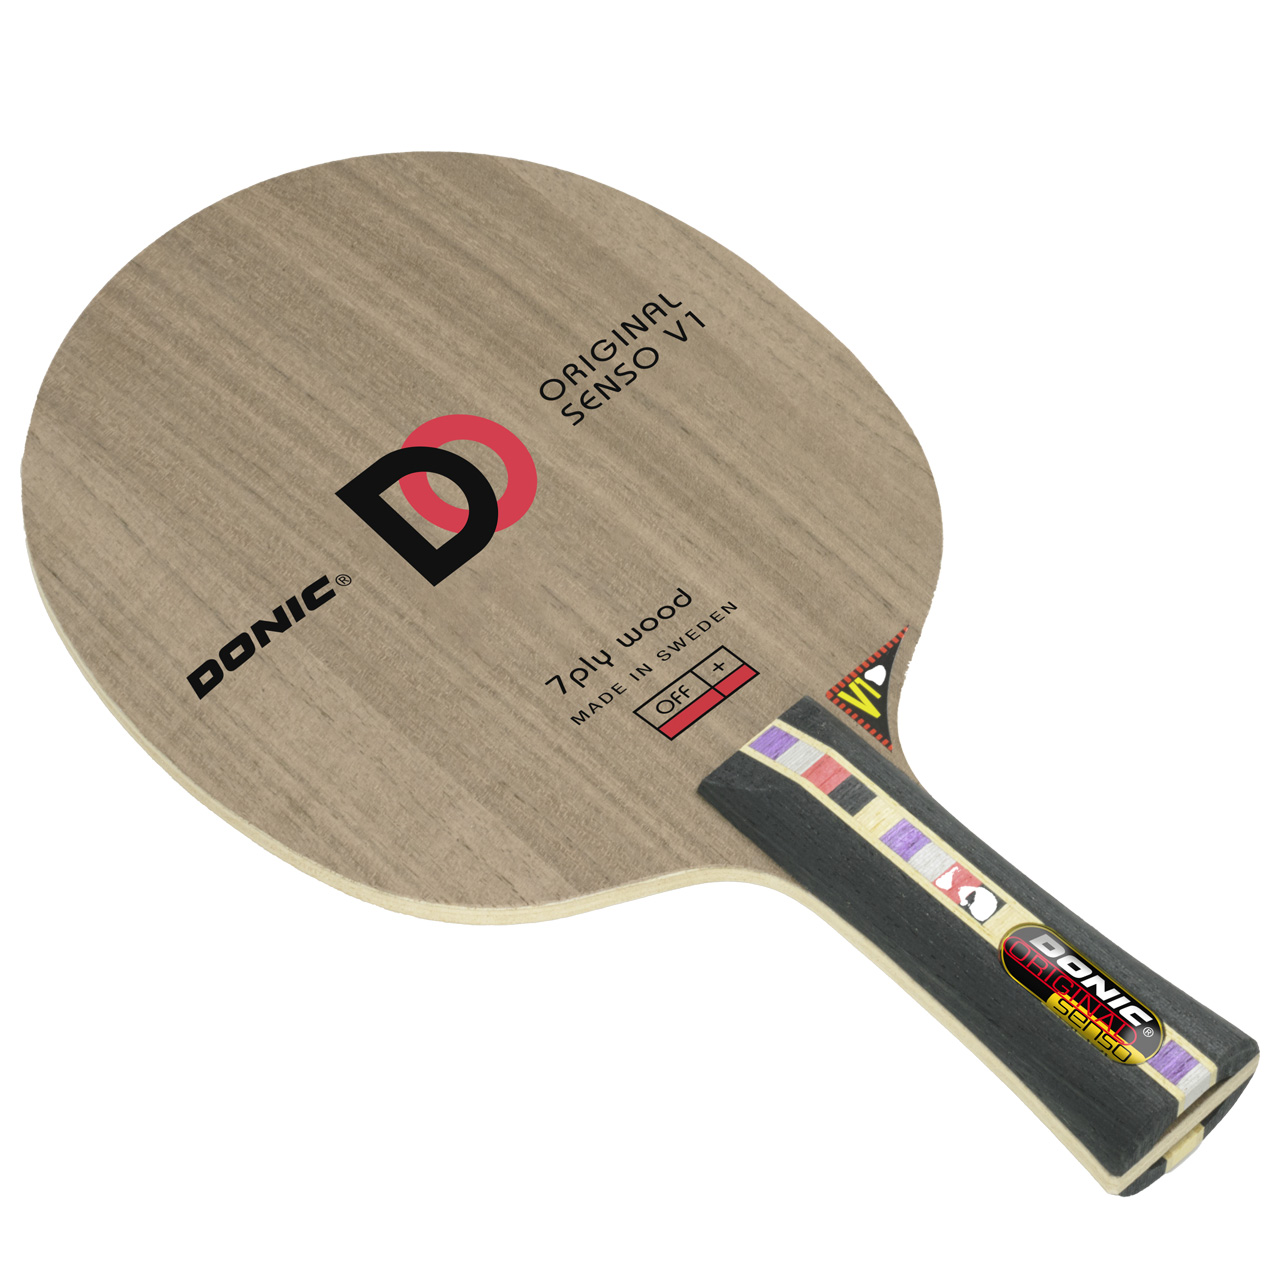 Donic Original Senso - tillverkad i Tranås